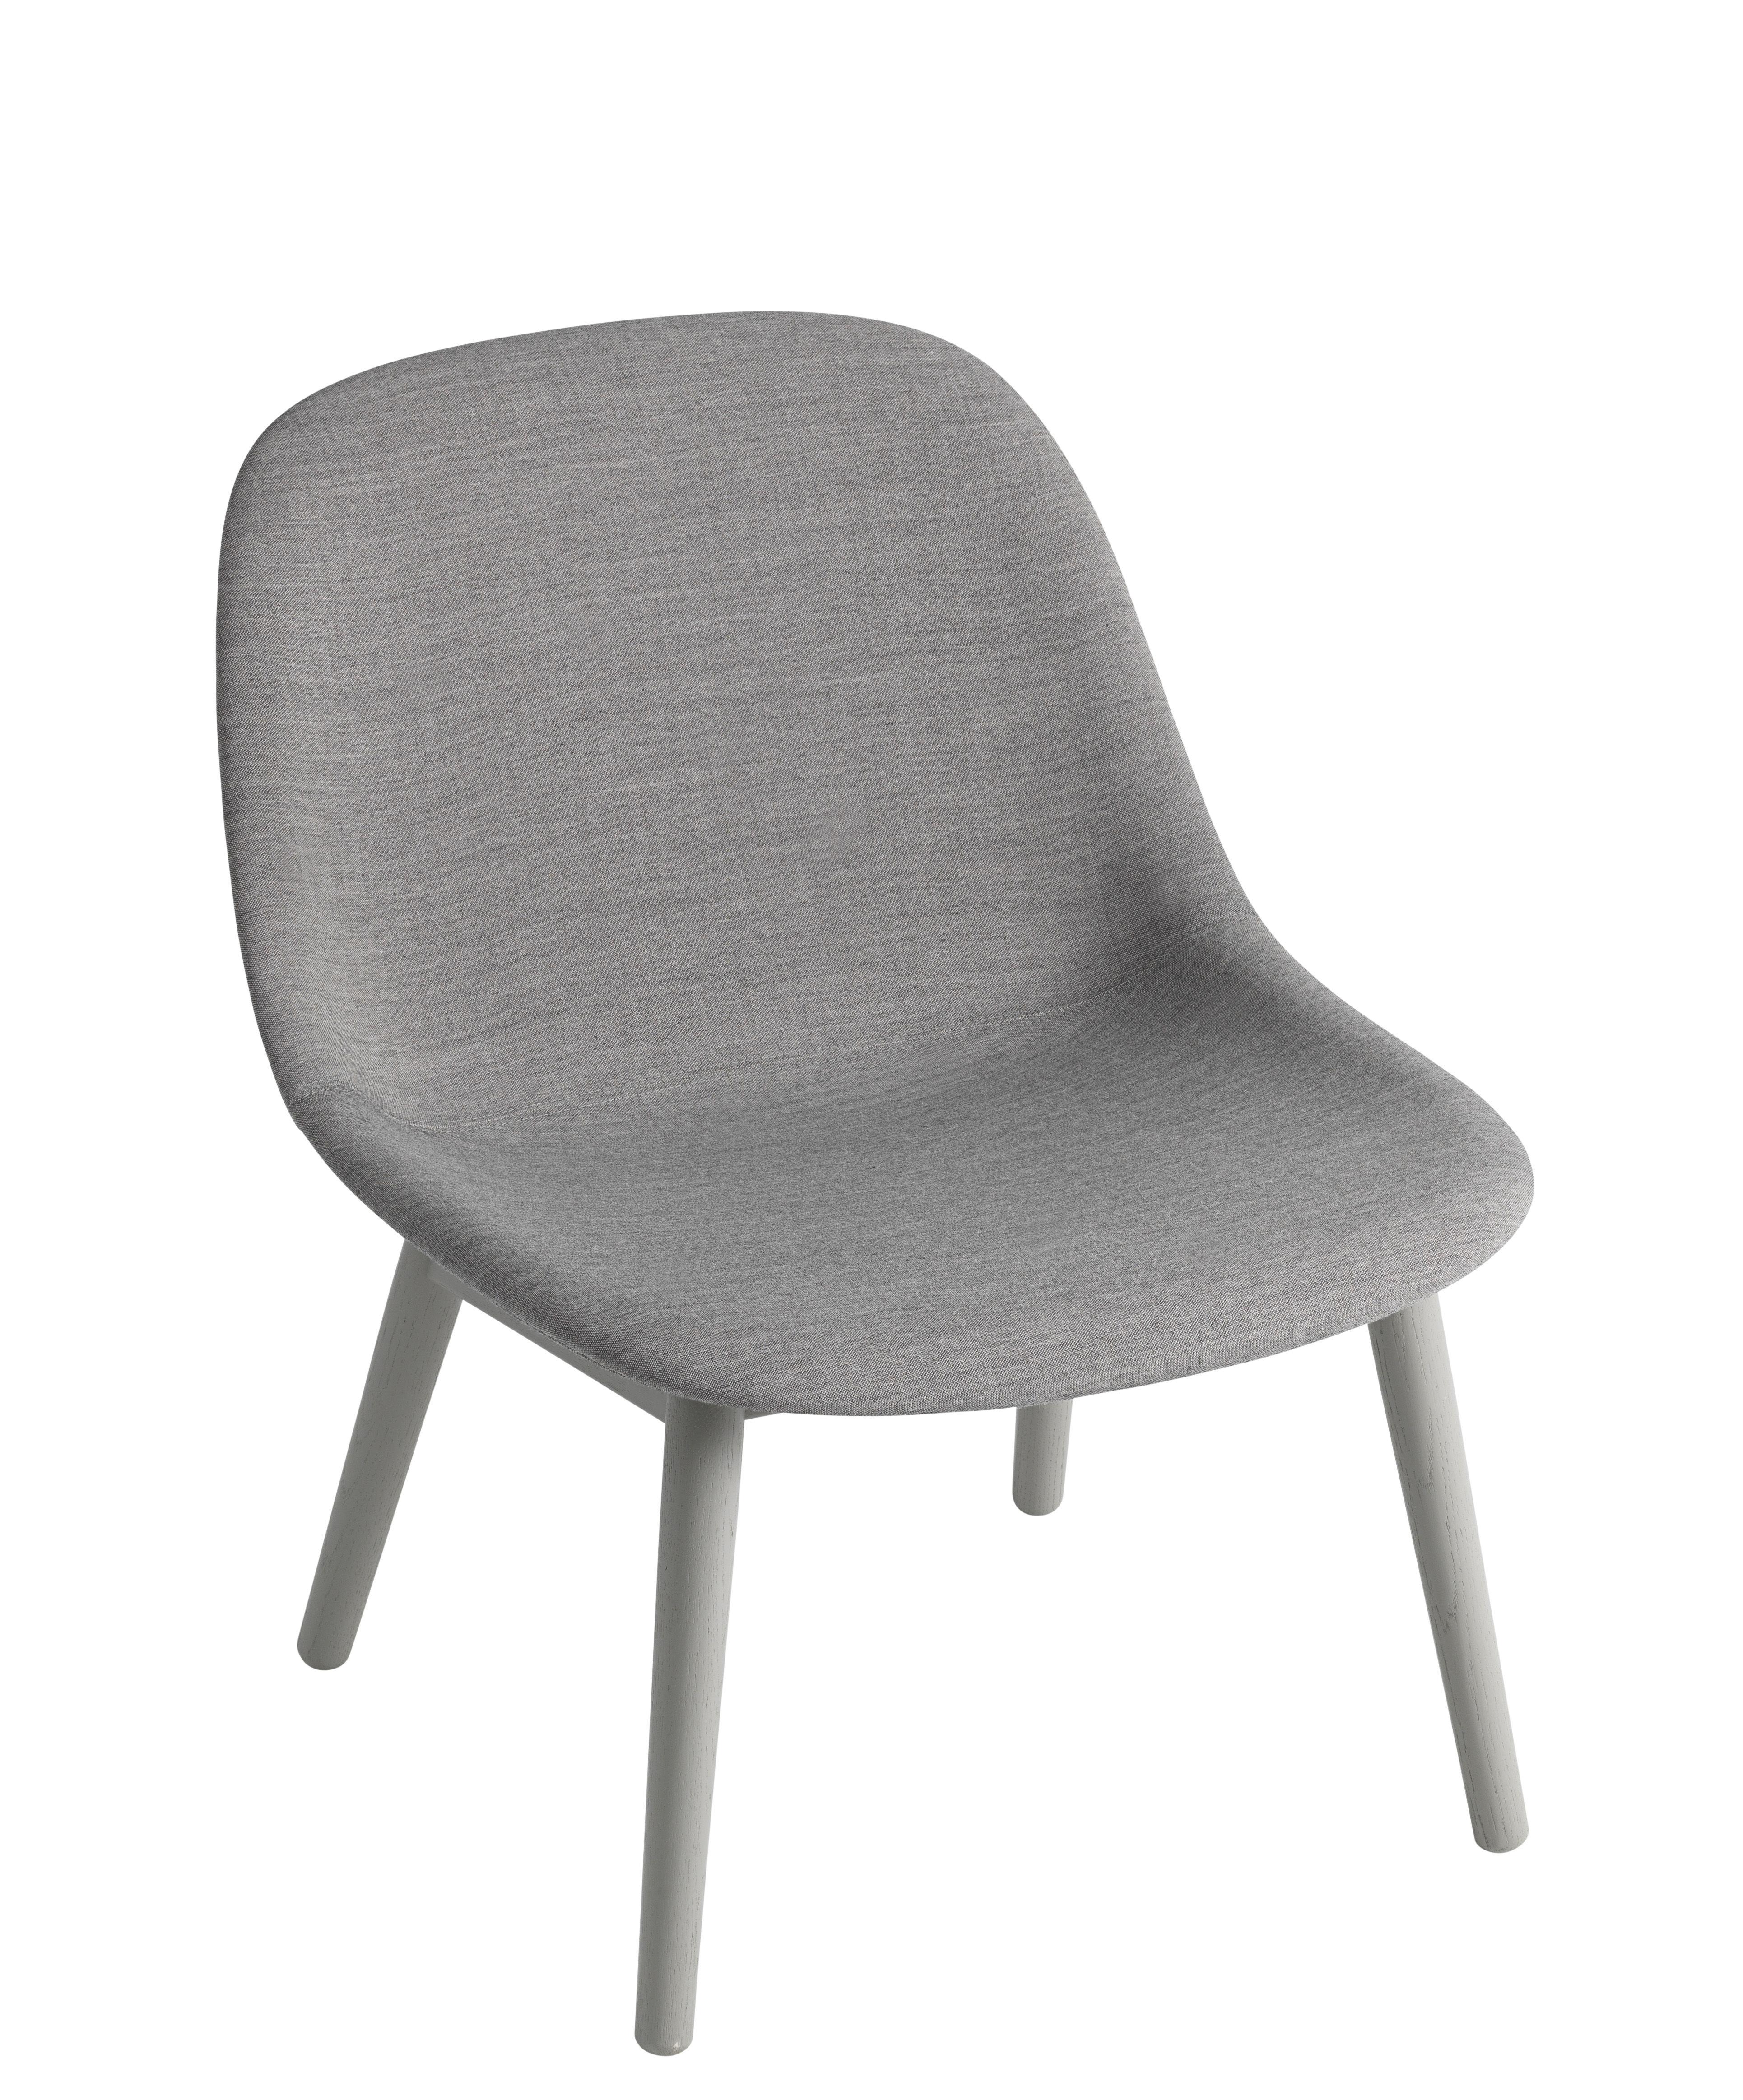 Mobilier - Fauteuils - Fauteuil bas Fiber Lounge / Rembourré - Tissu & pieds bois - Muuto - Gris / Pieds gris - Chêne, Matériau composite recyclé, Tissu